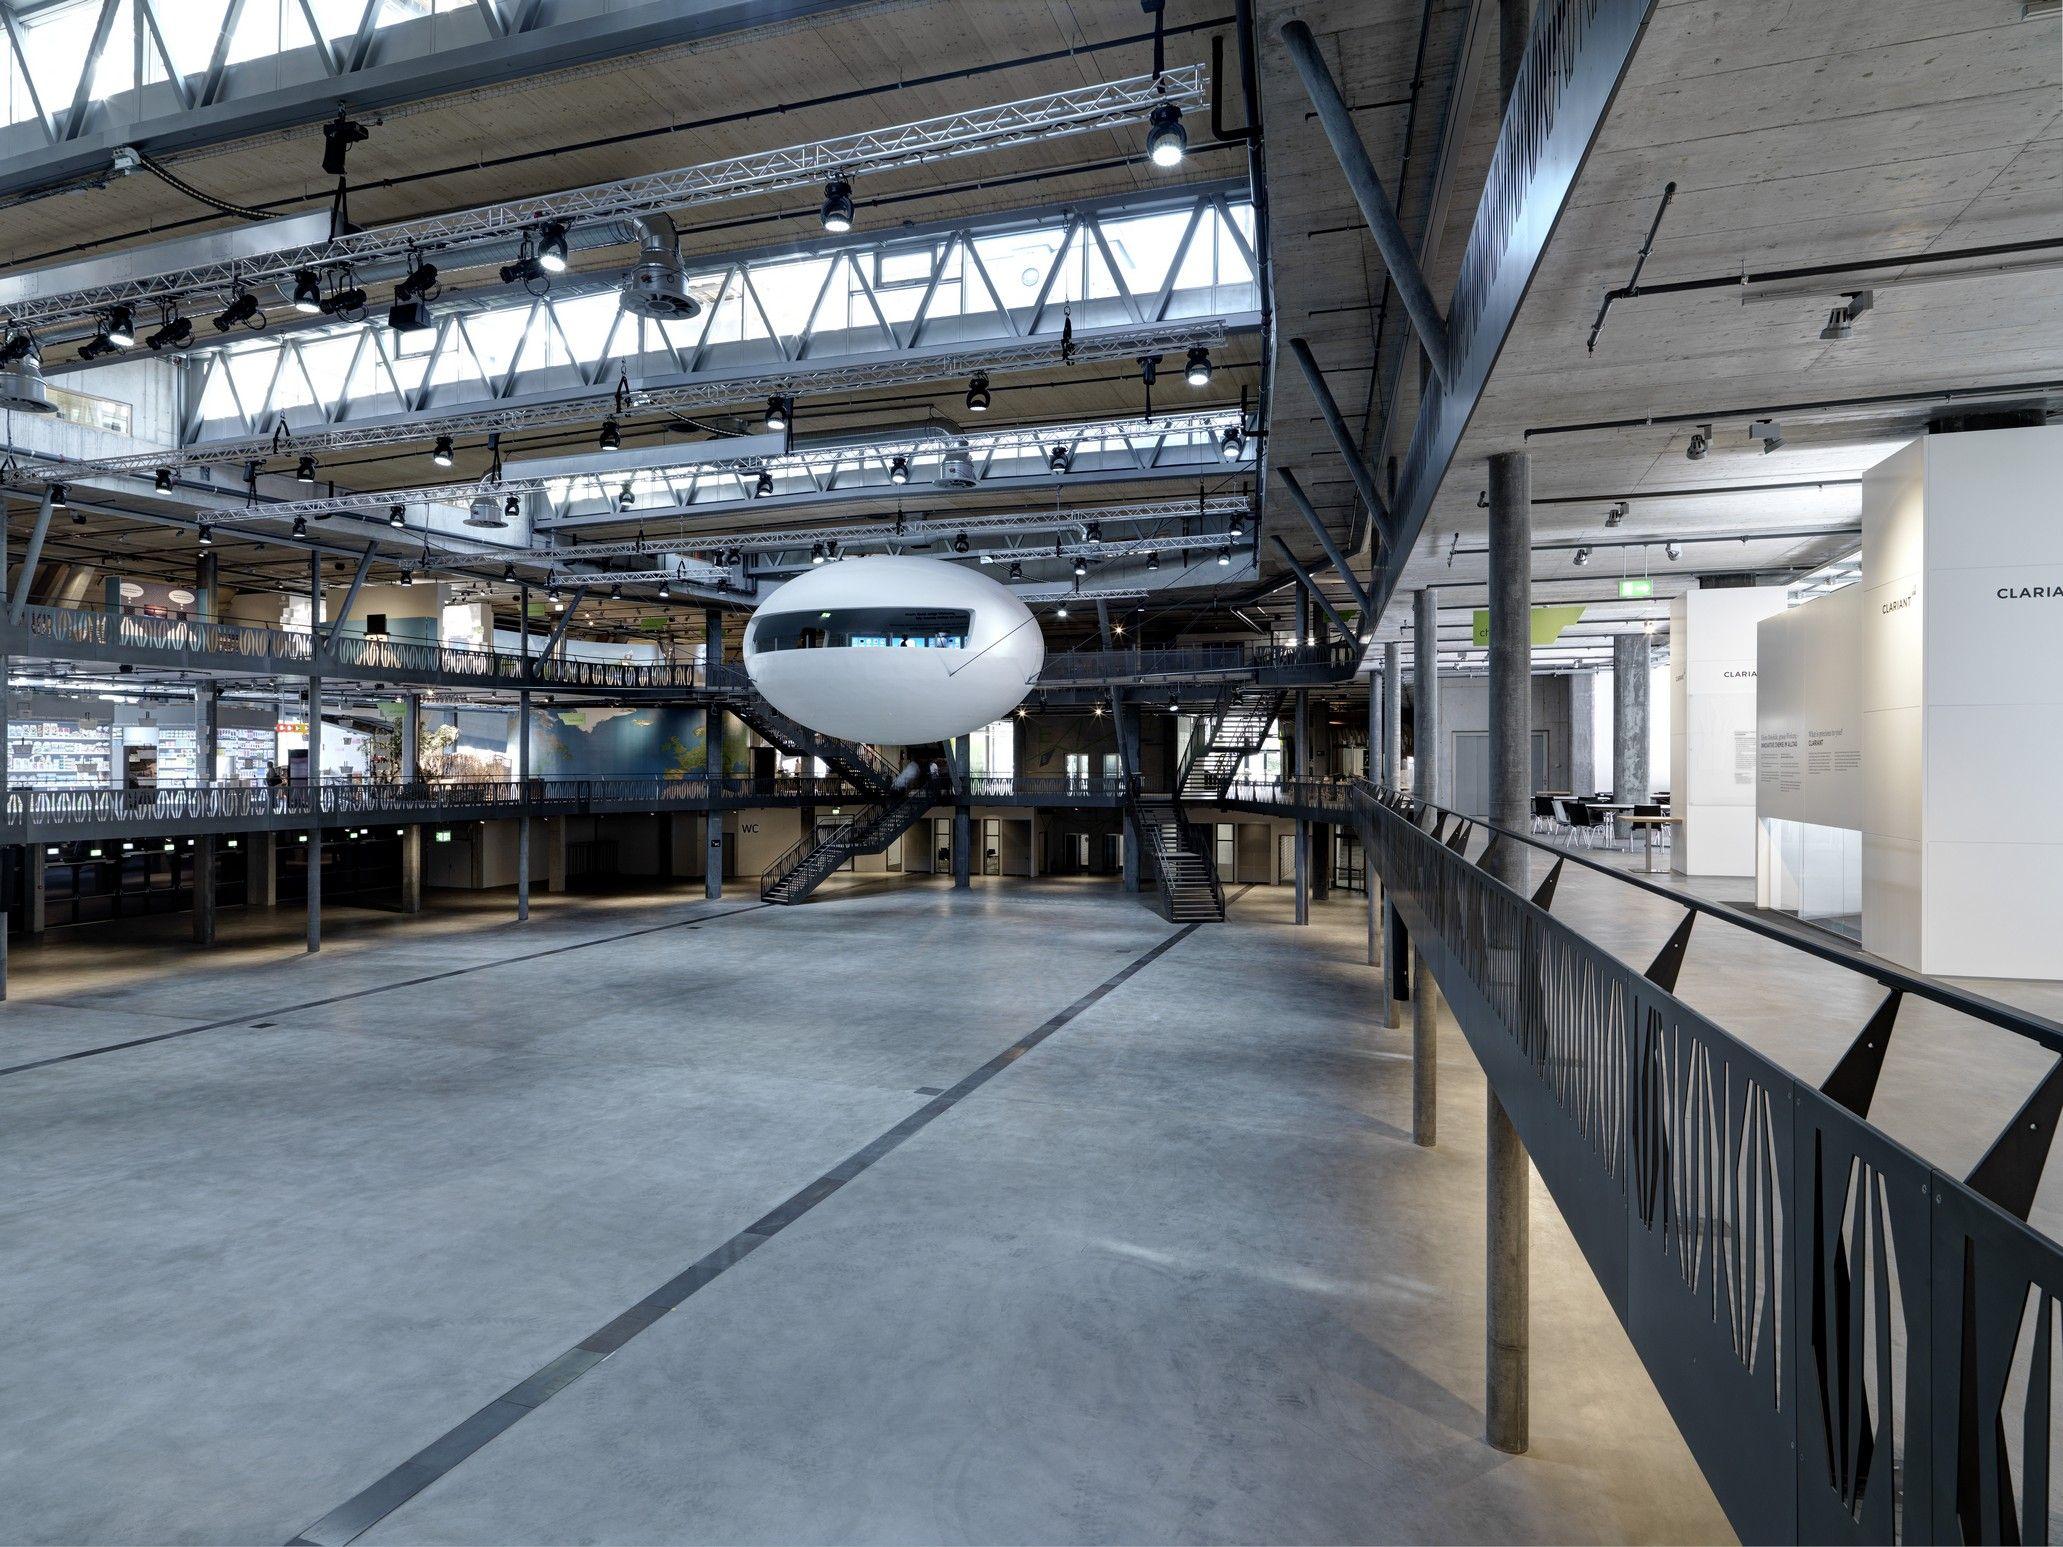 Umwelt Arena by Rene Schmid Architekten